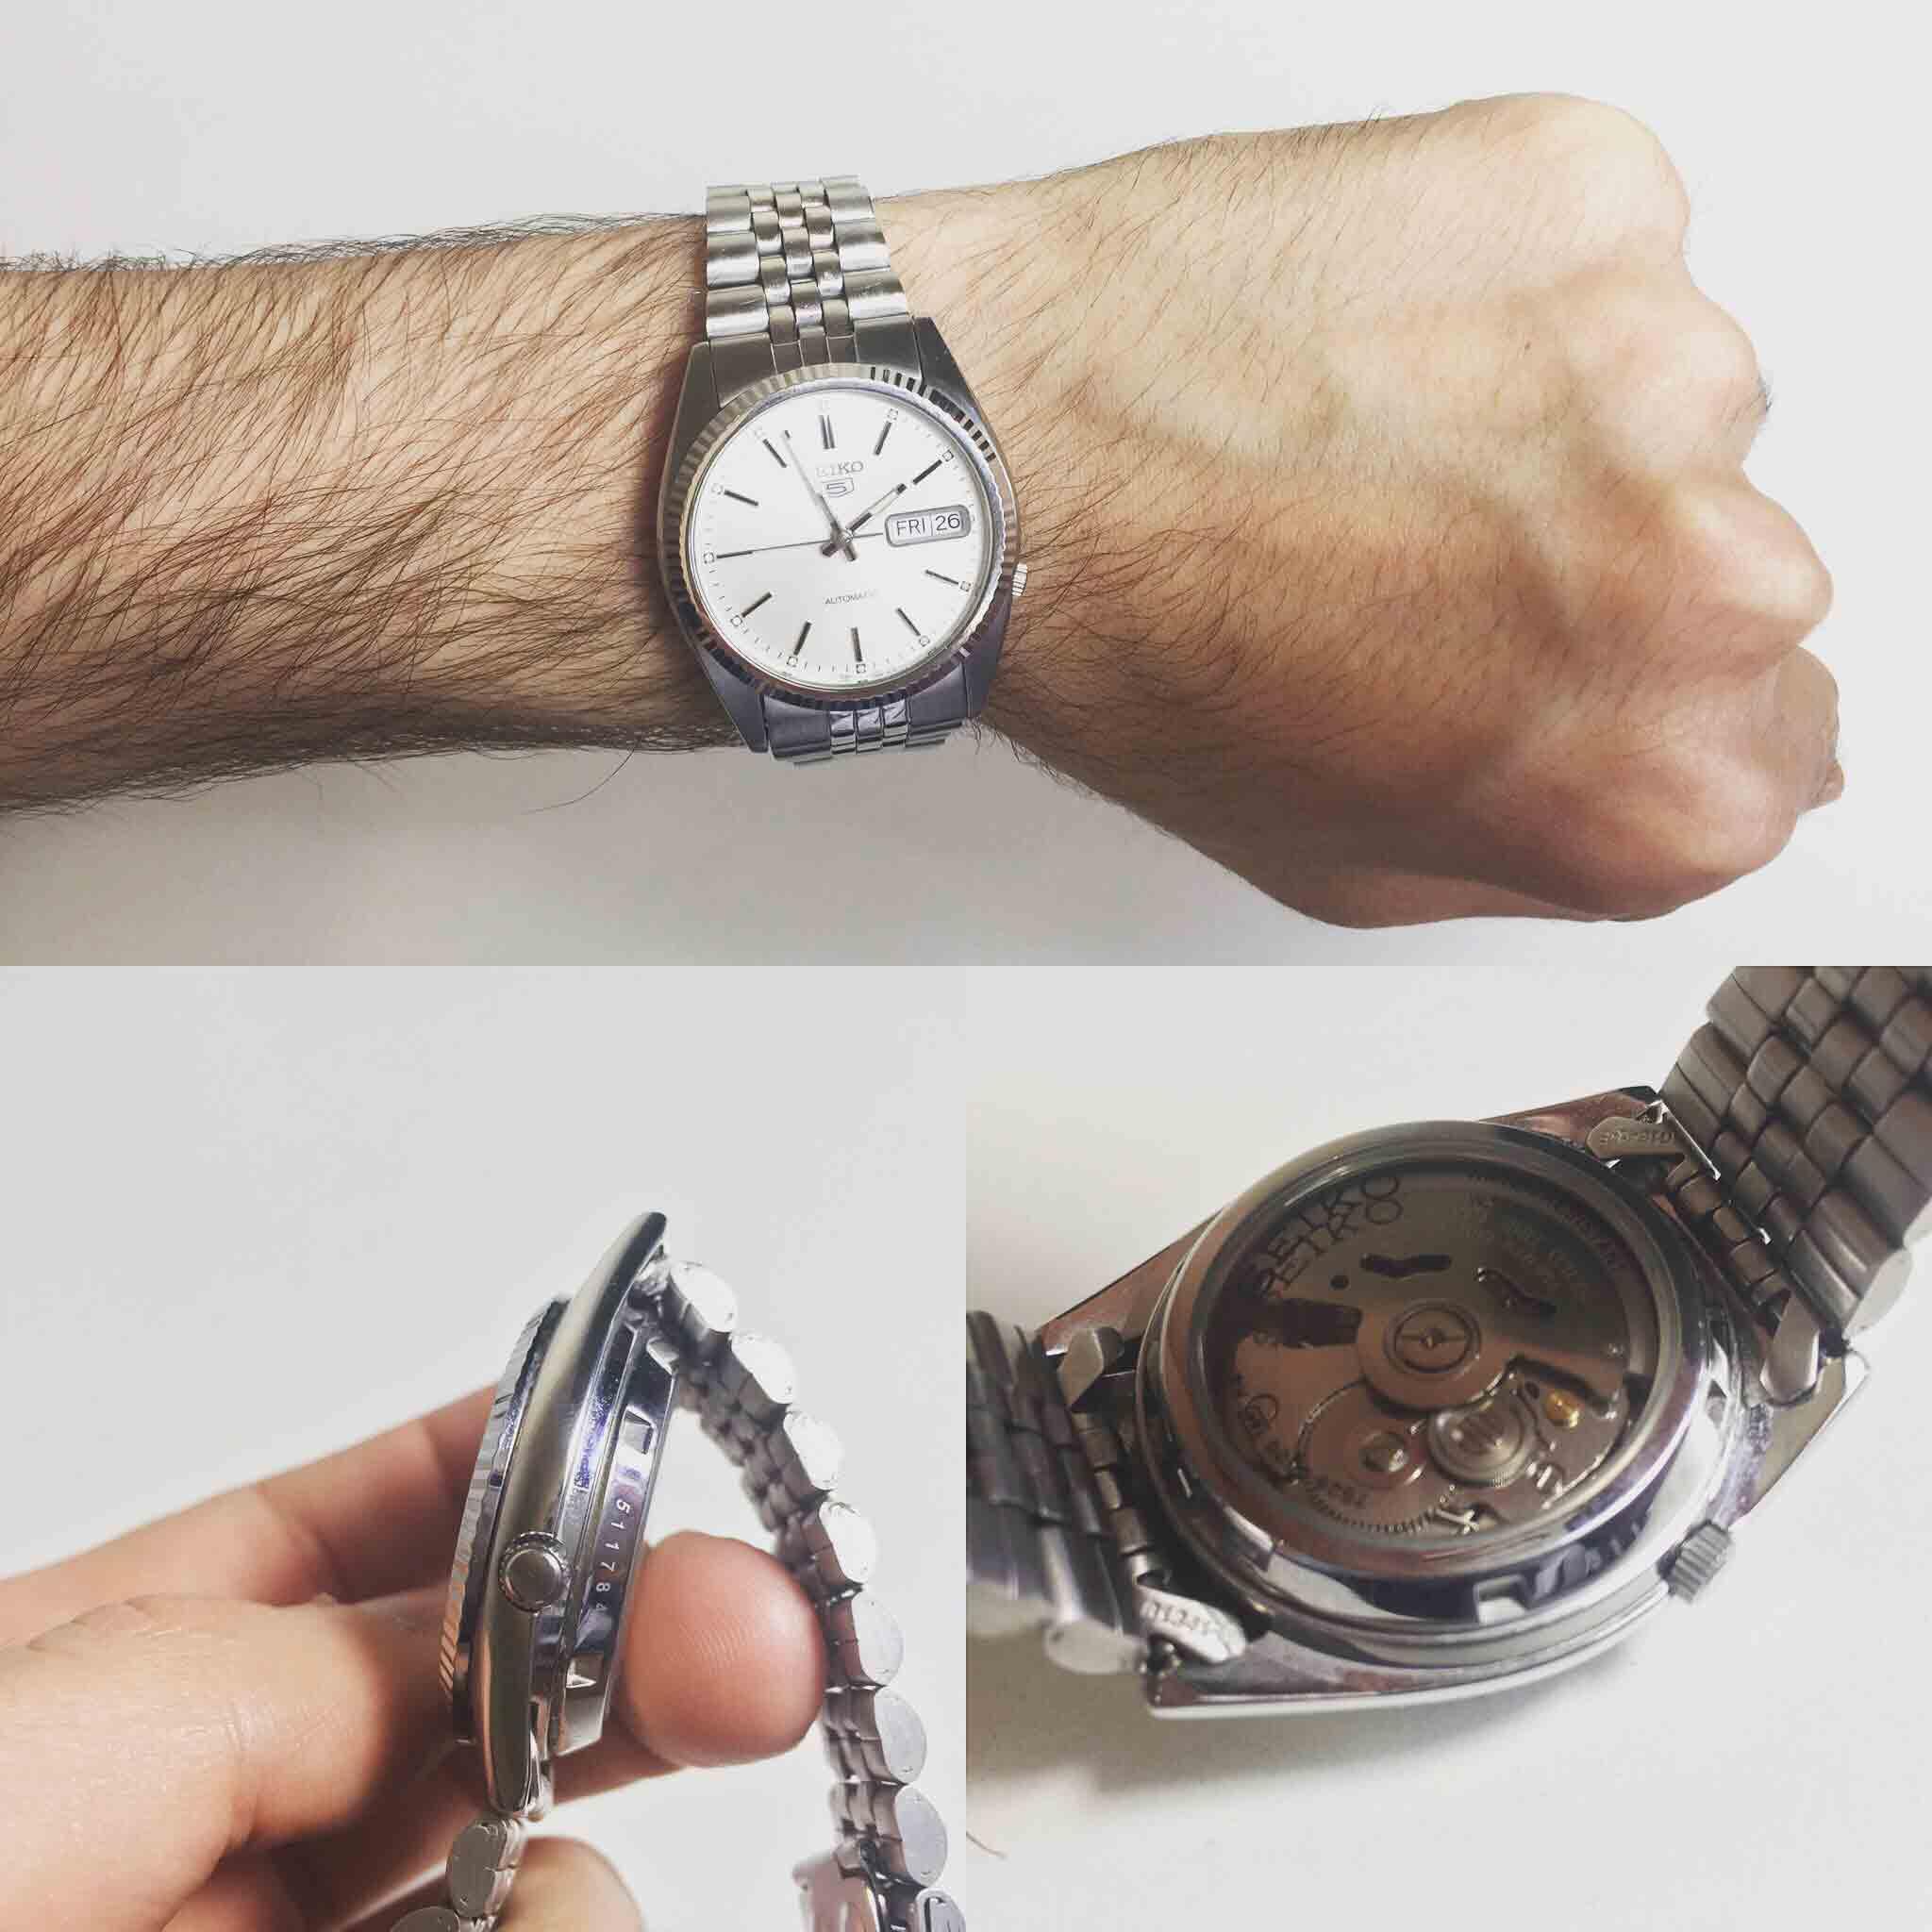 design senza tempo 46c11 764b7 Seiko 5 automatico 21 jewels - Prezzo. recensione e dove ...